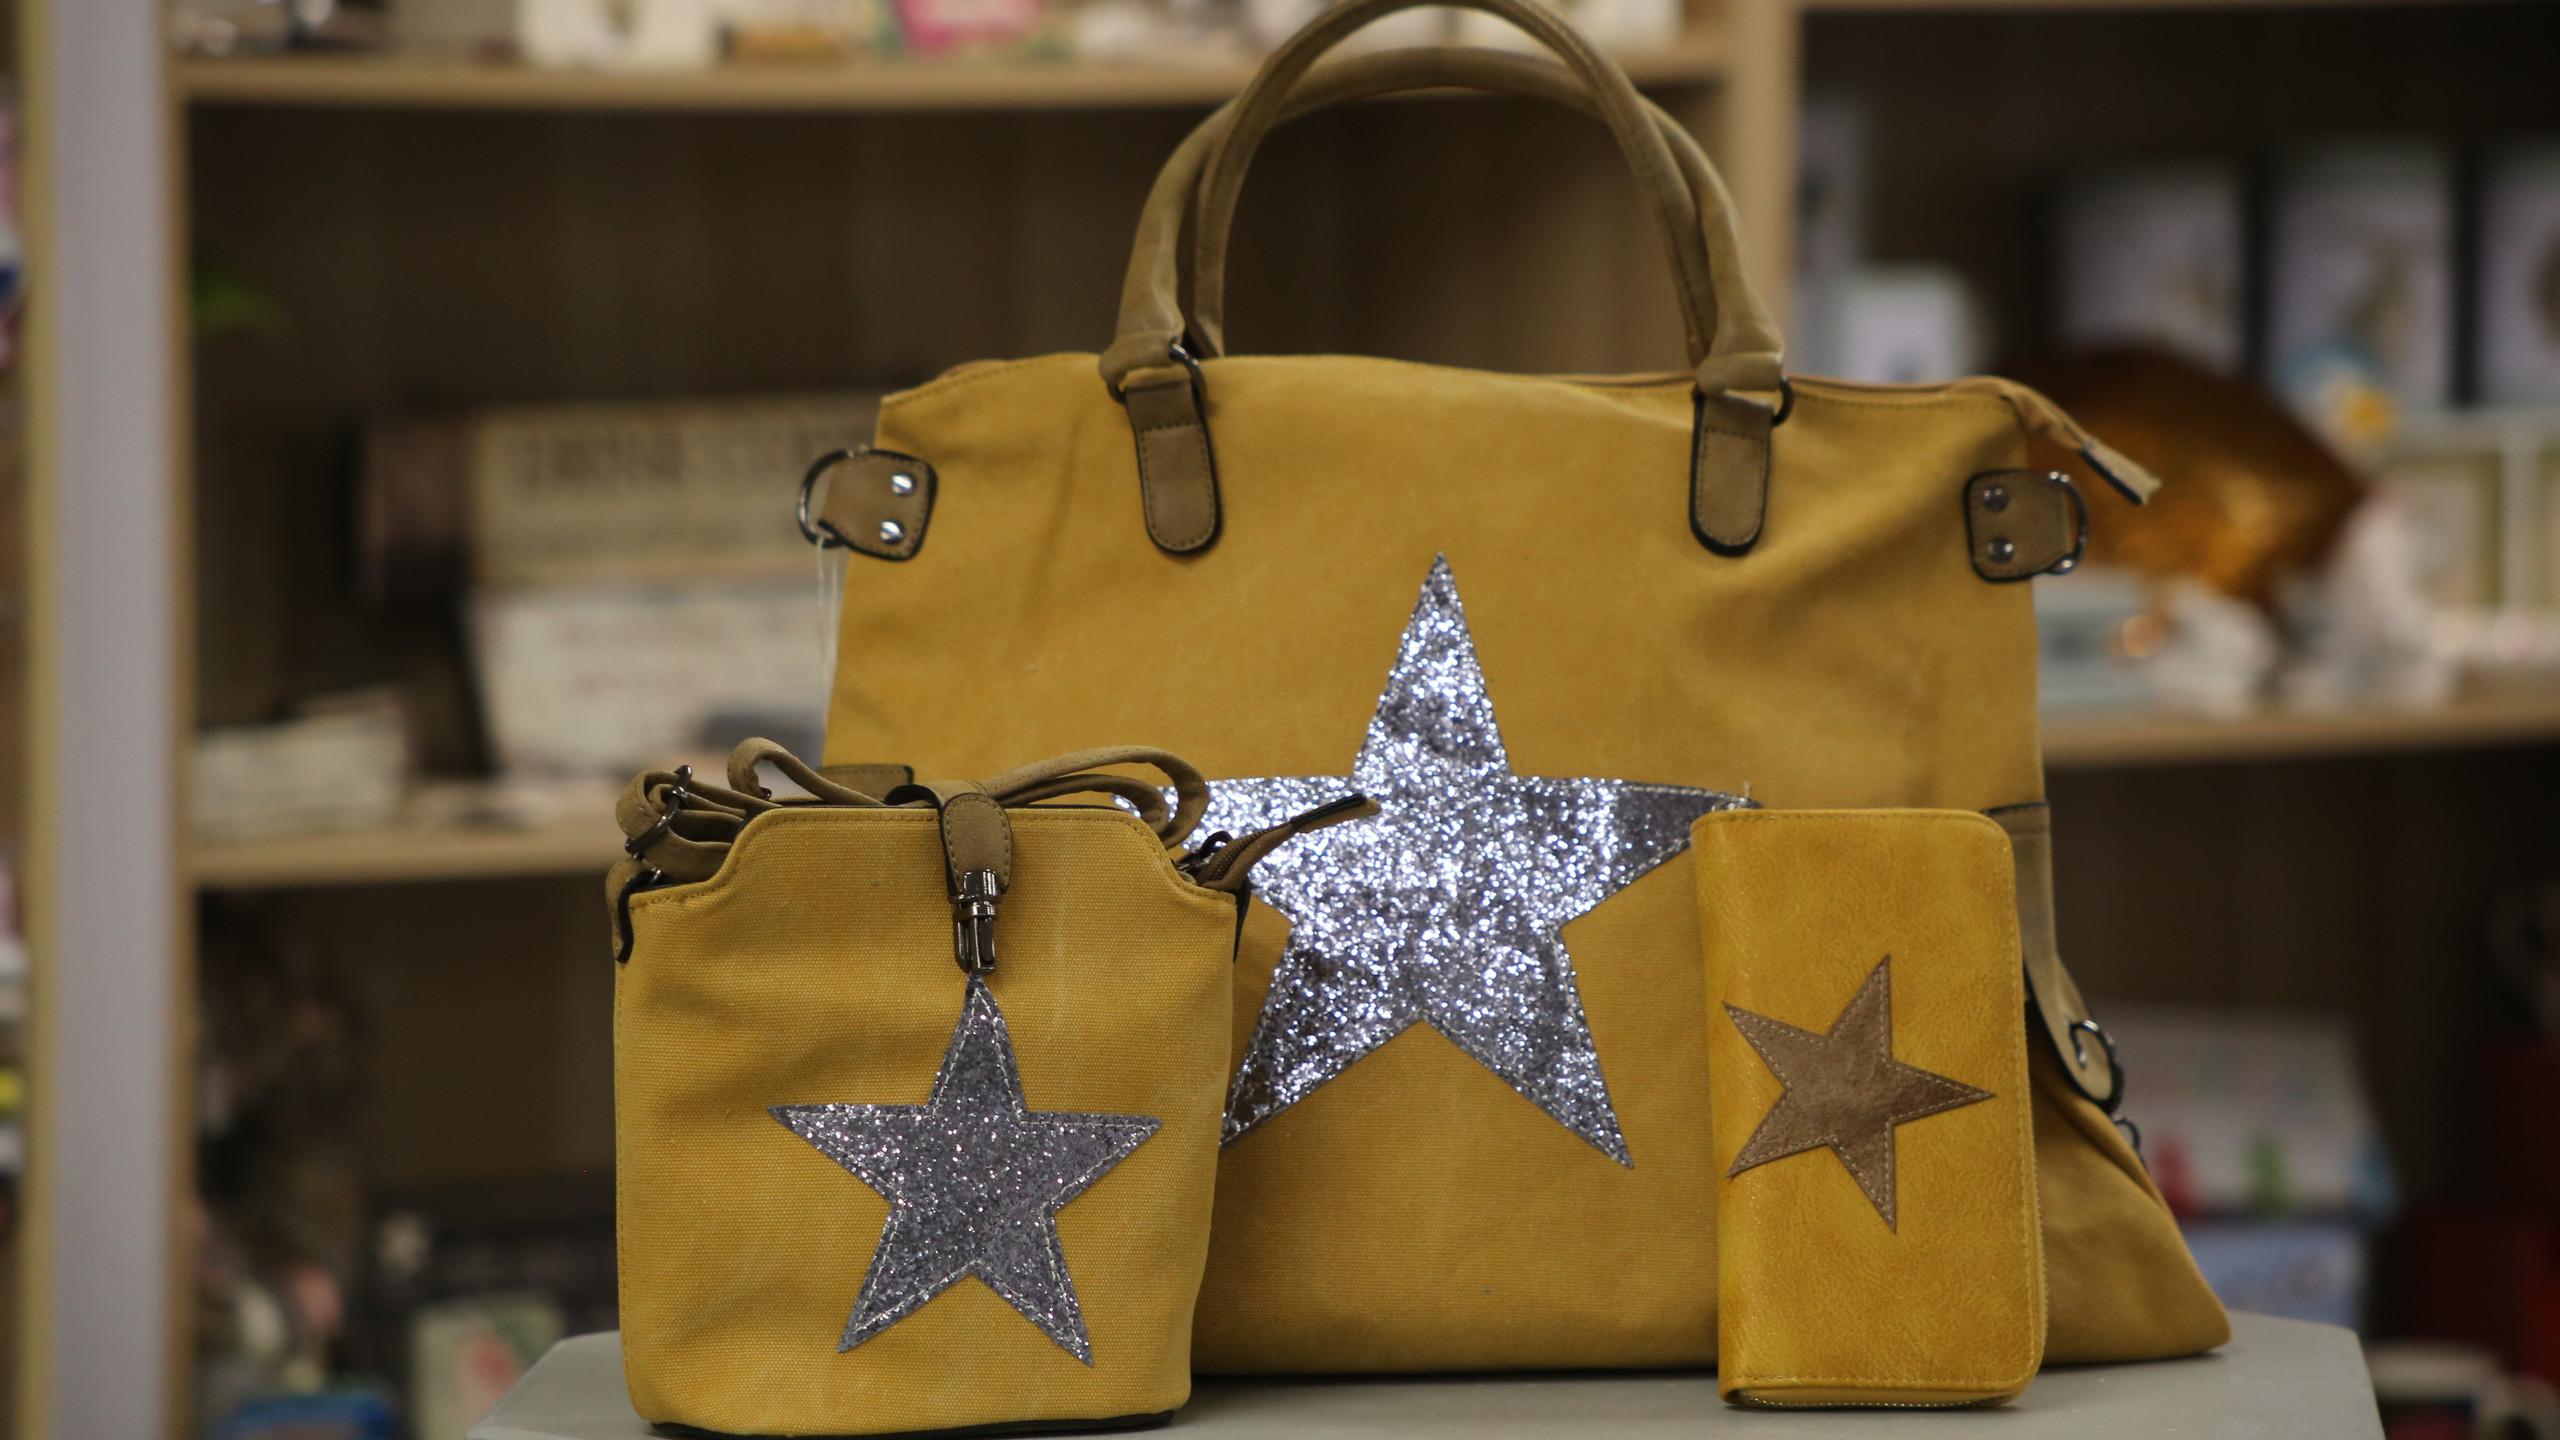 Star bag collection